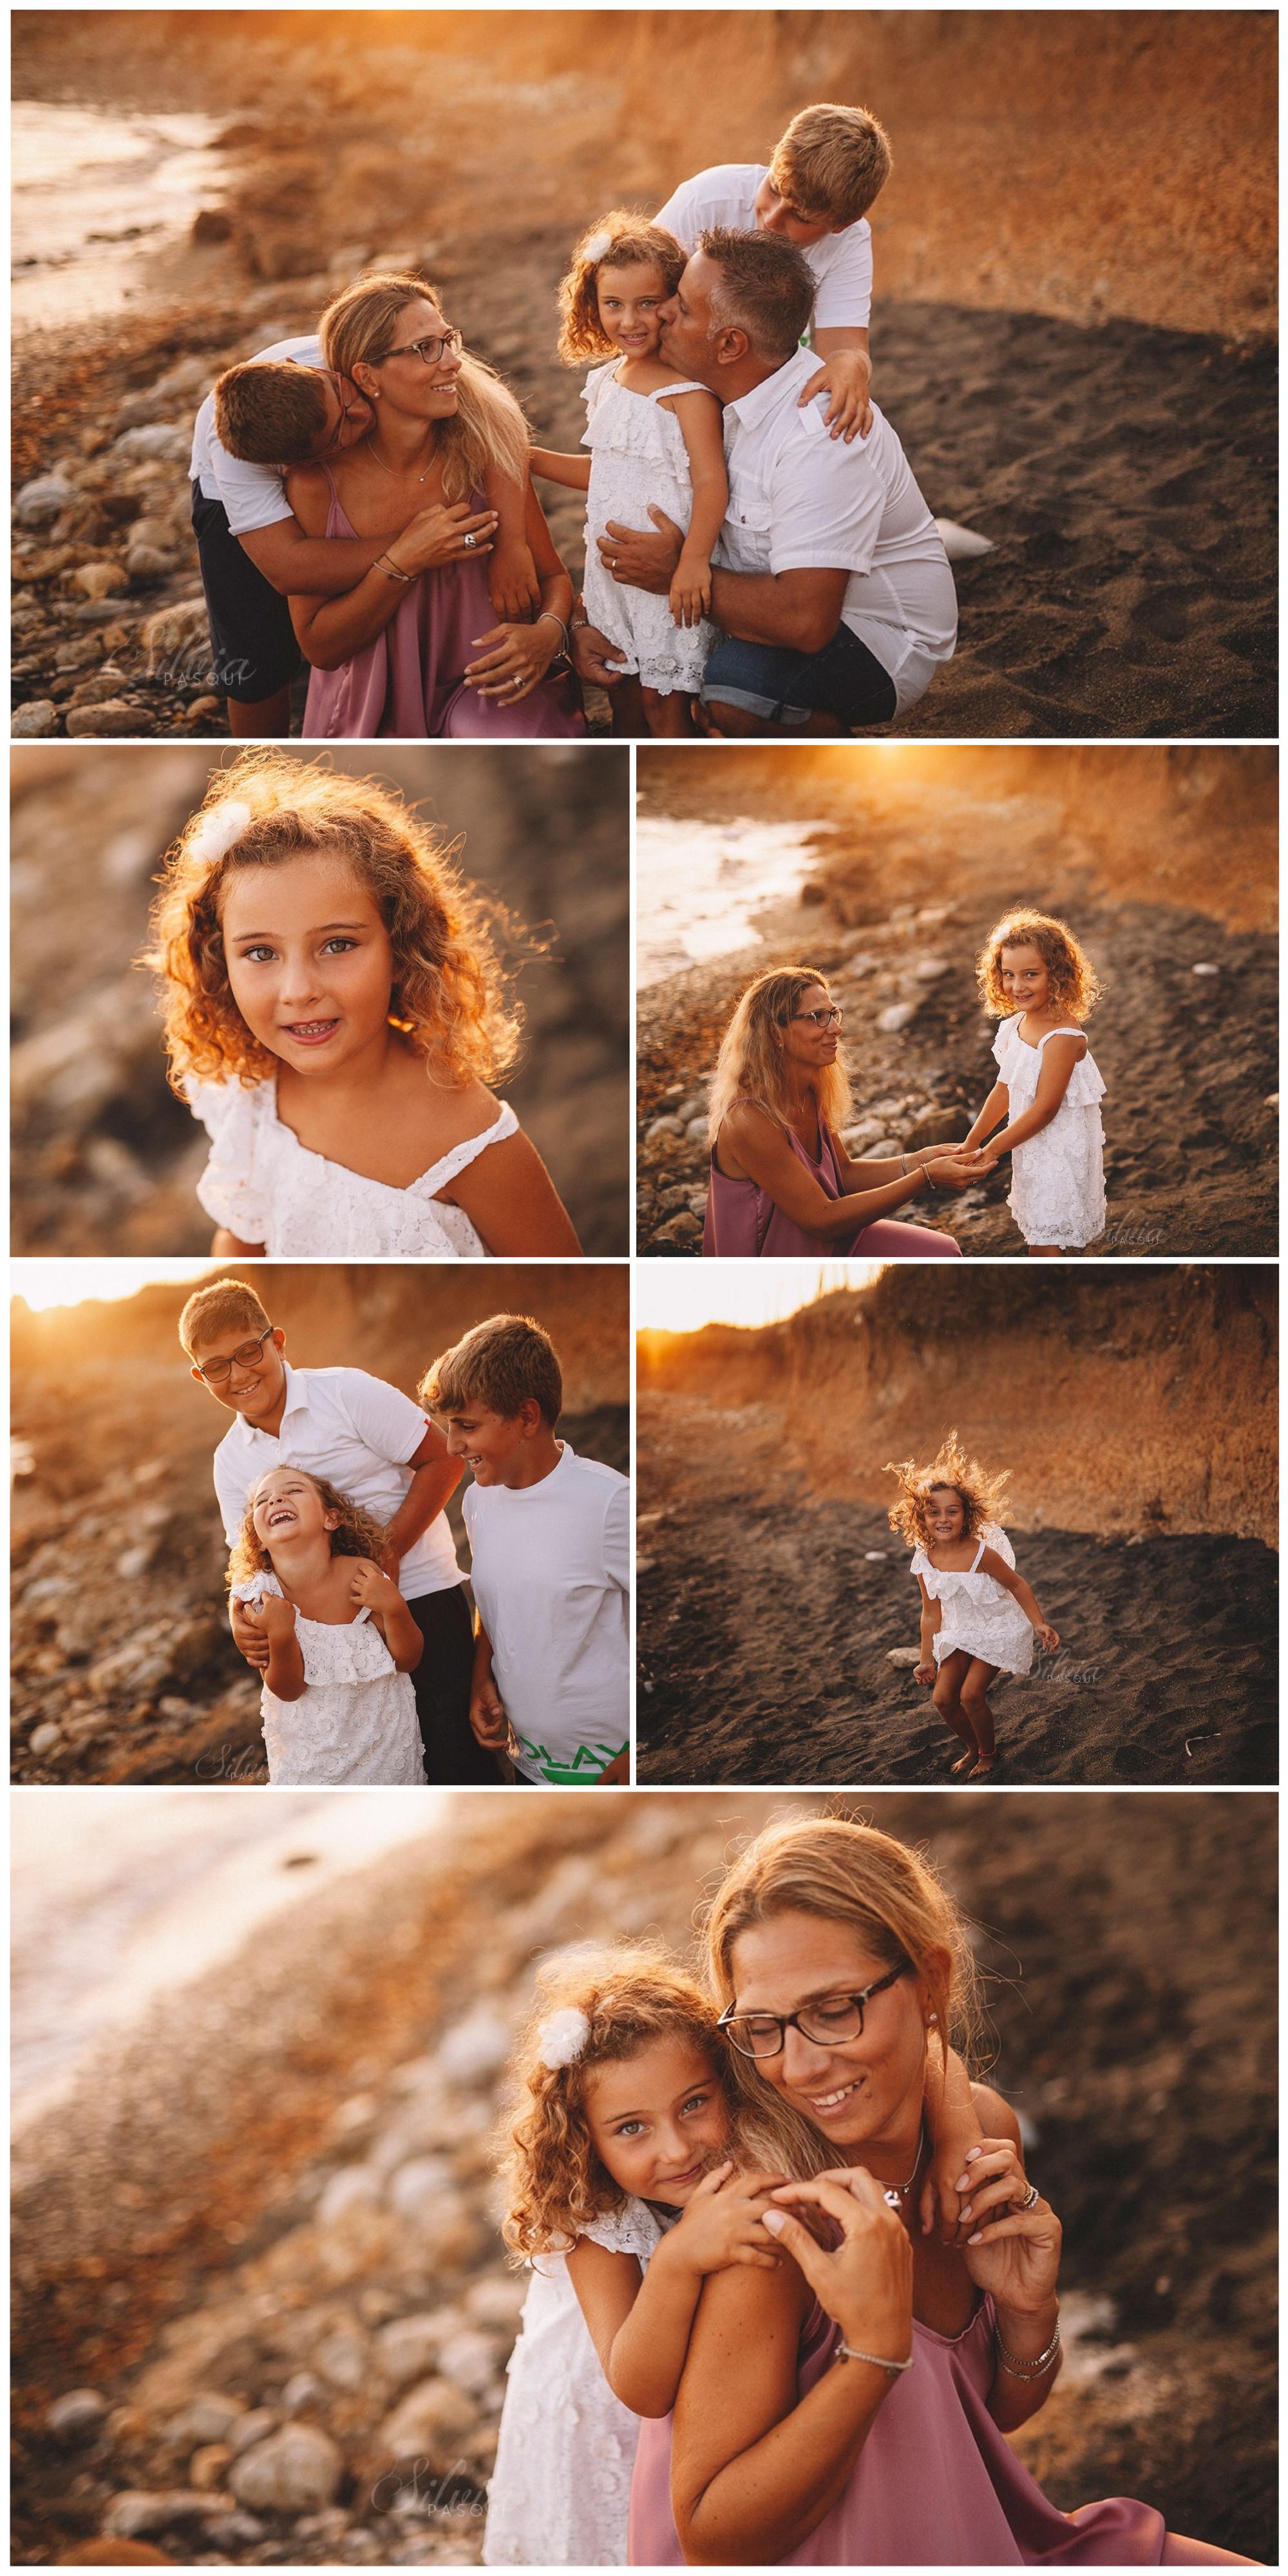 miglior fotografa famiglie